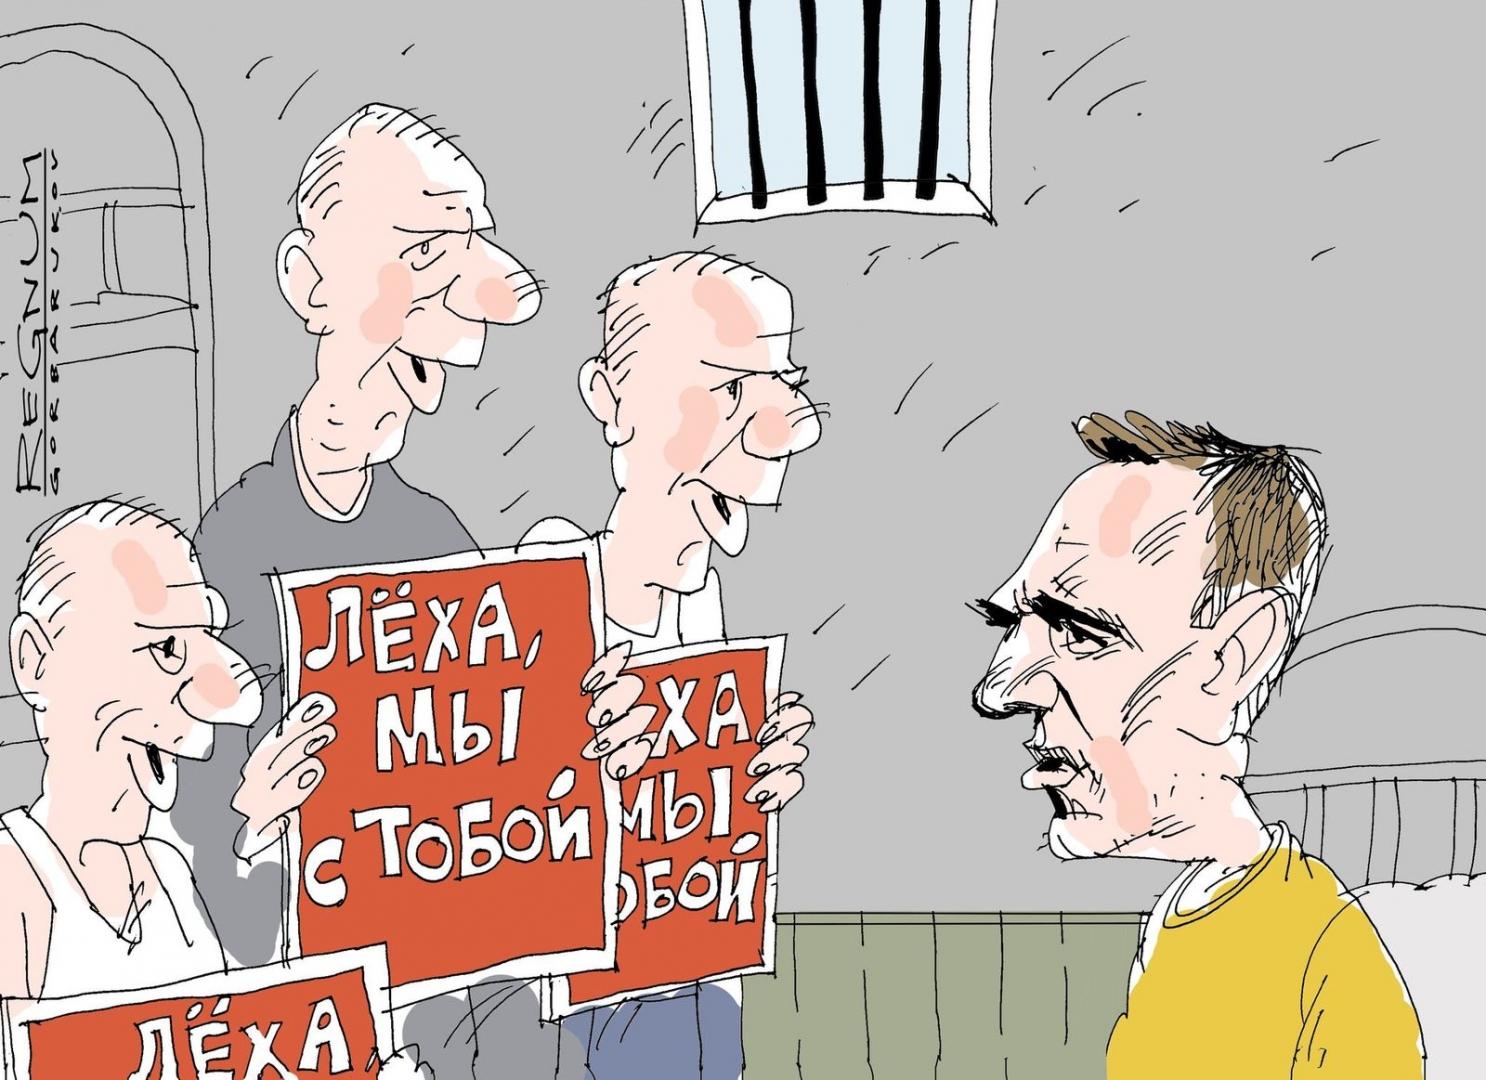 Кремль: Упротестов в Беларуссии  и РФ  различные  причины